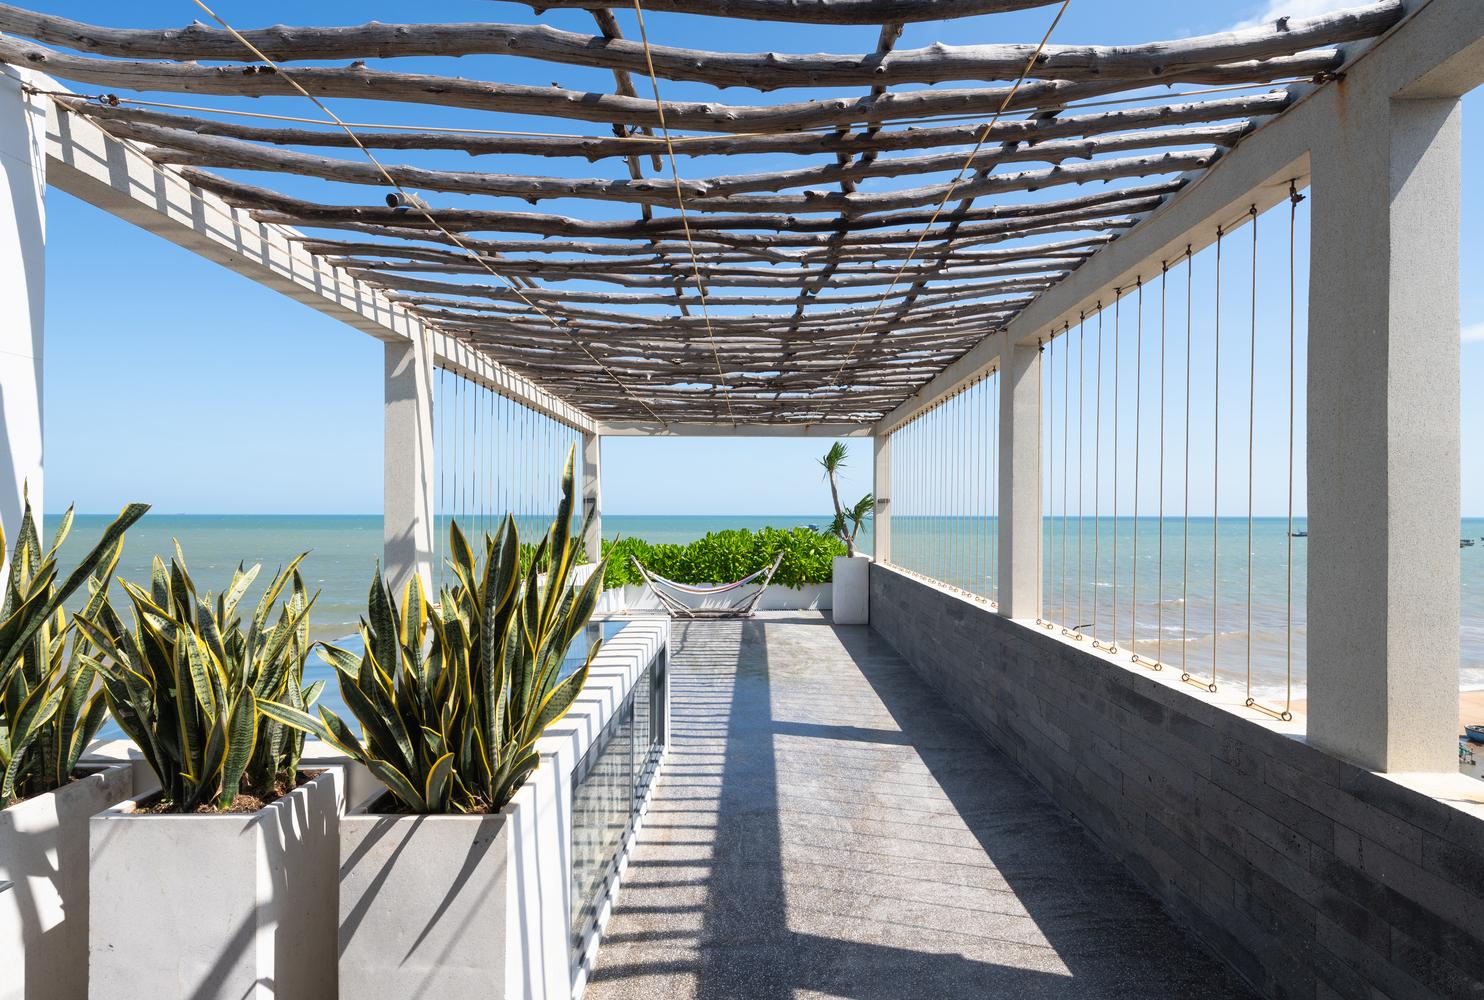 Sân thượng trông cây cảnh, nhìn ra biển